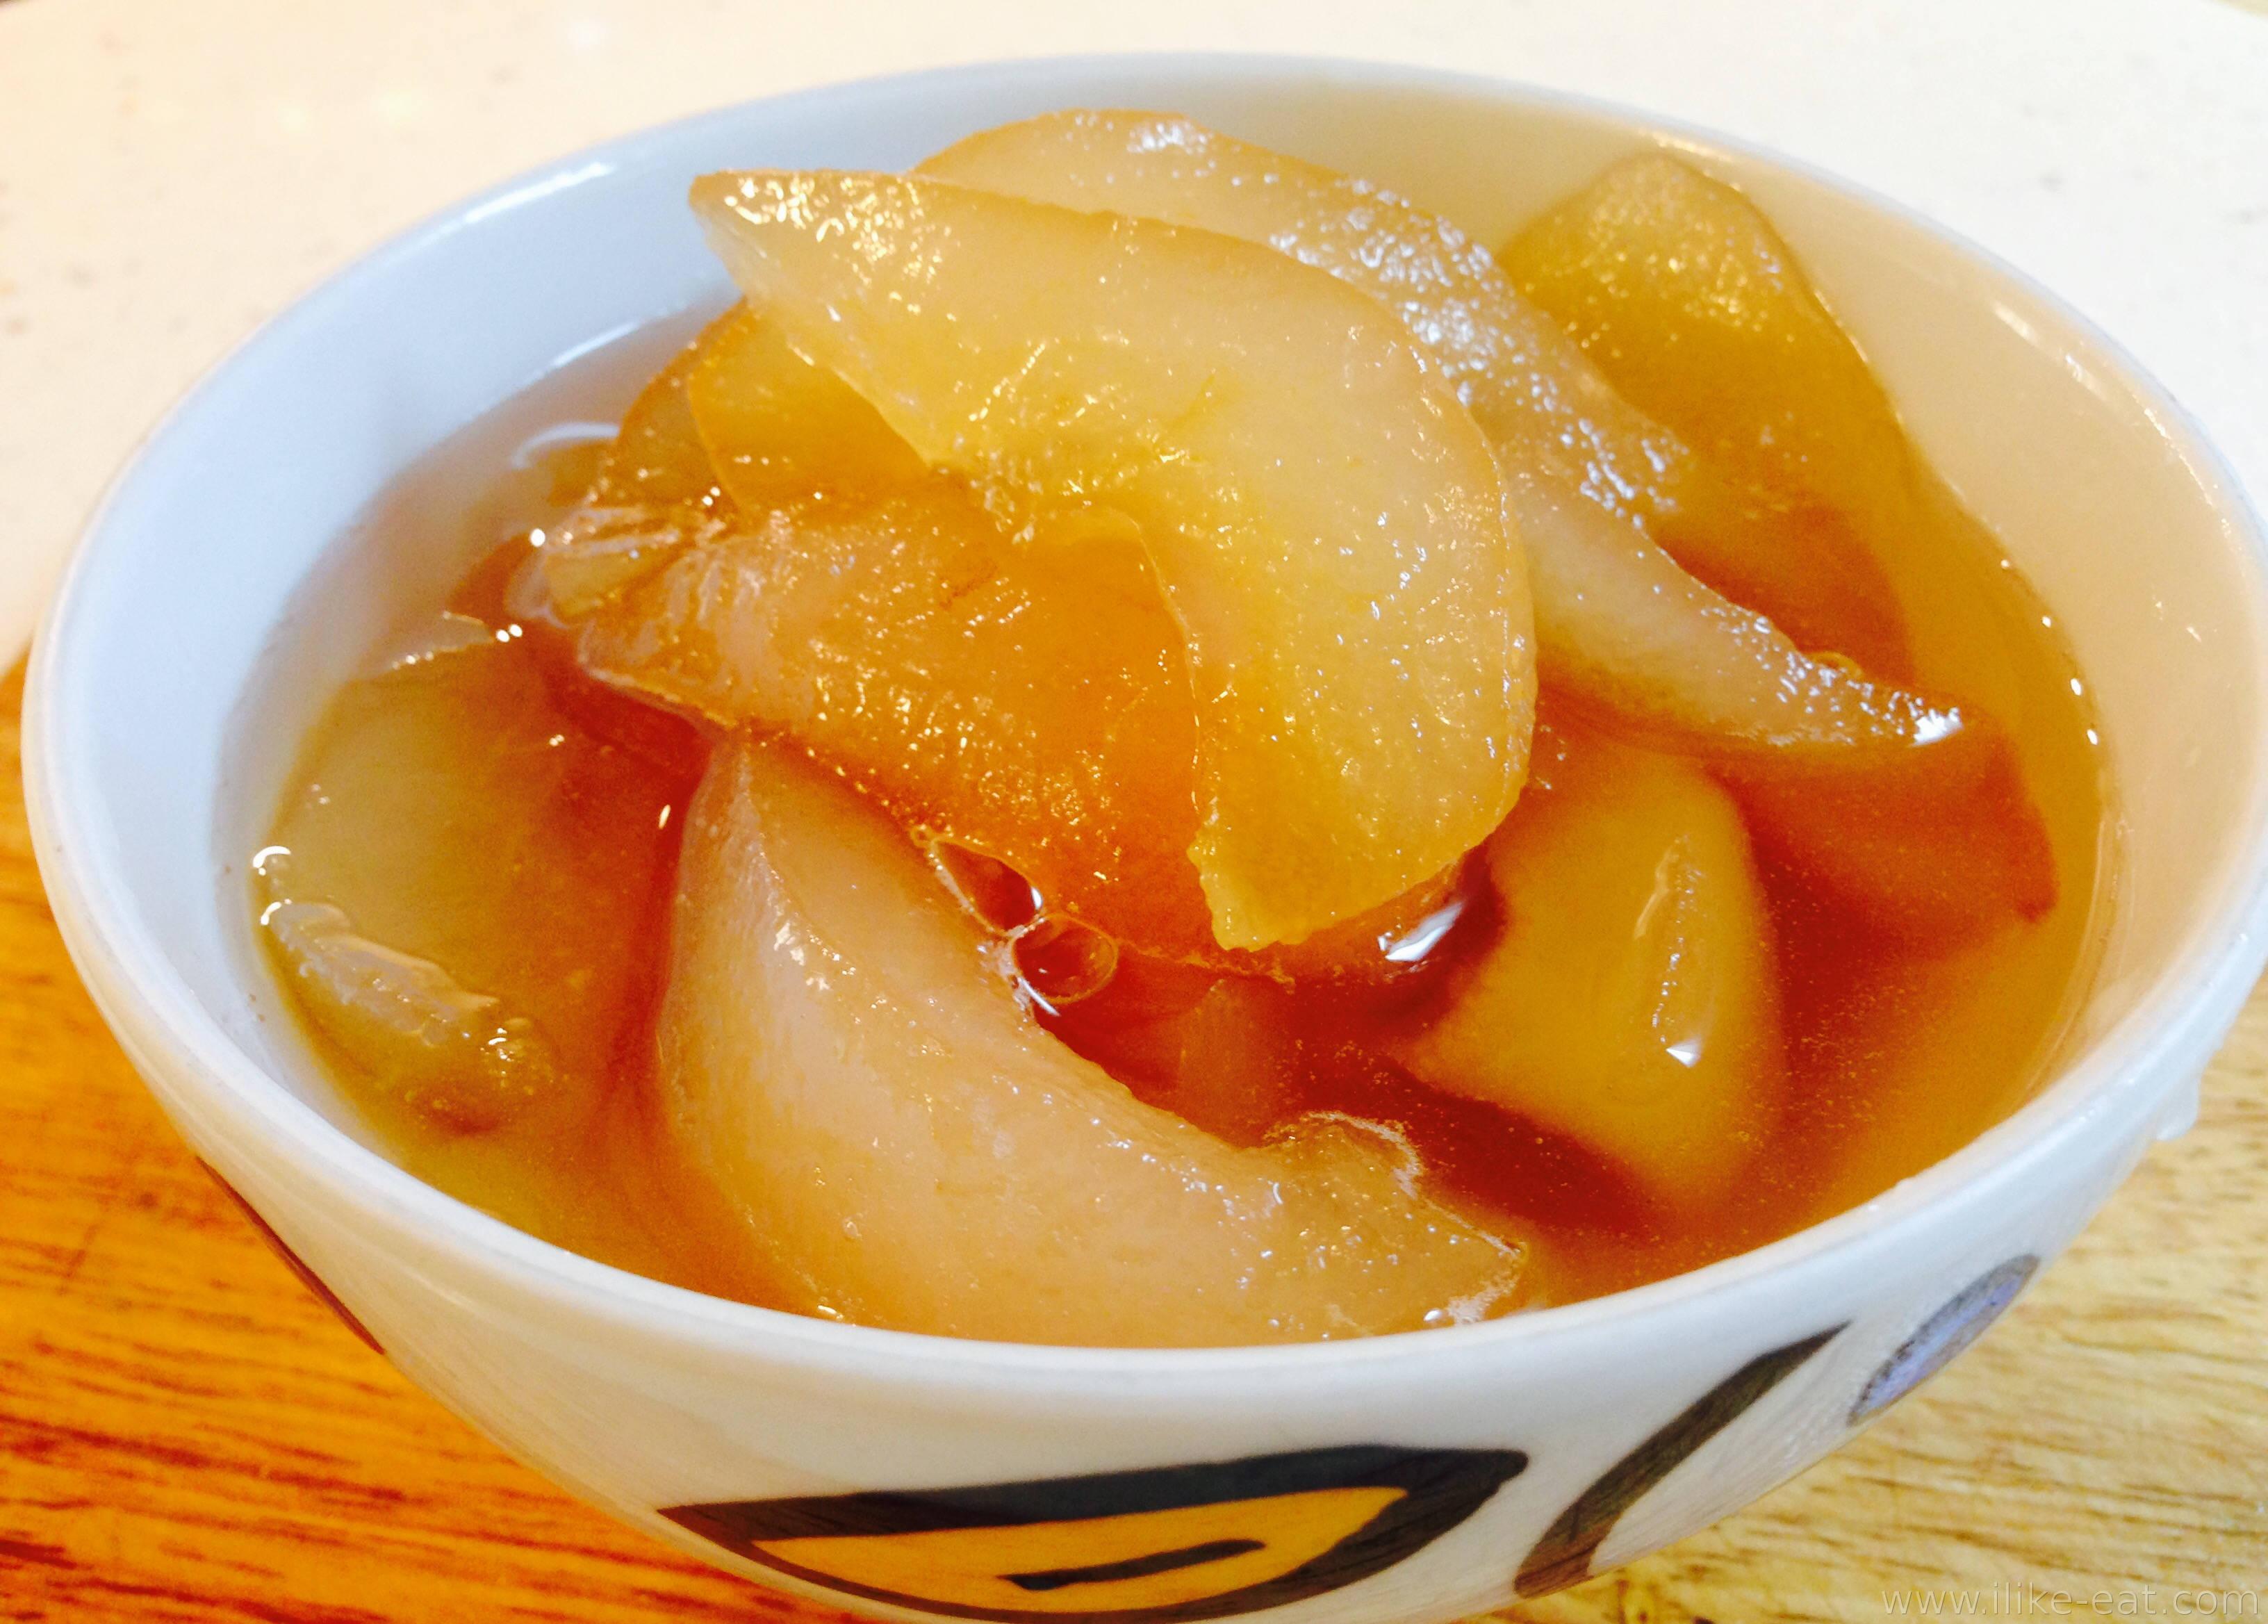 12 лучших рецептов приготовления варенья из груш с яблоками на зиму